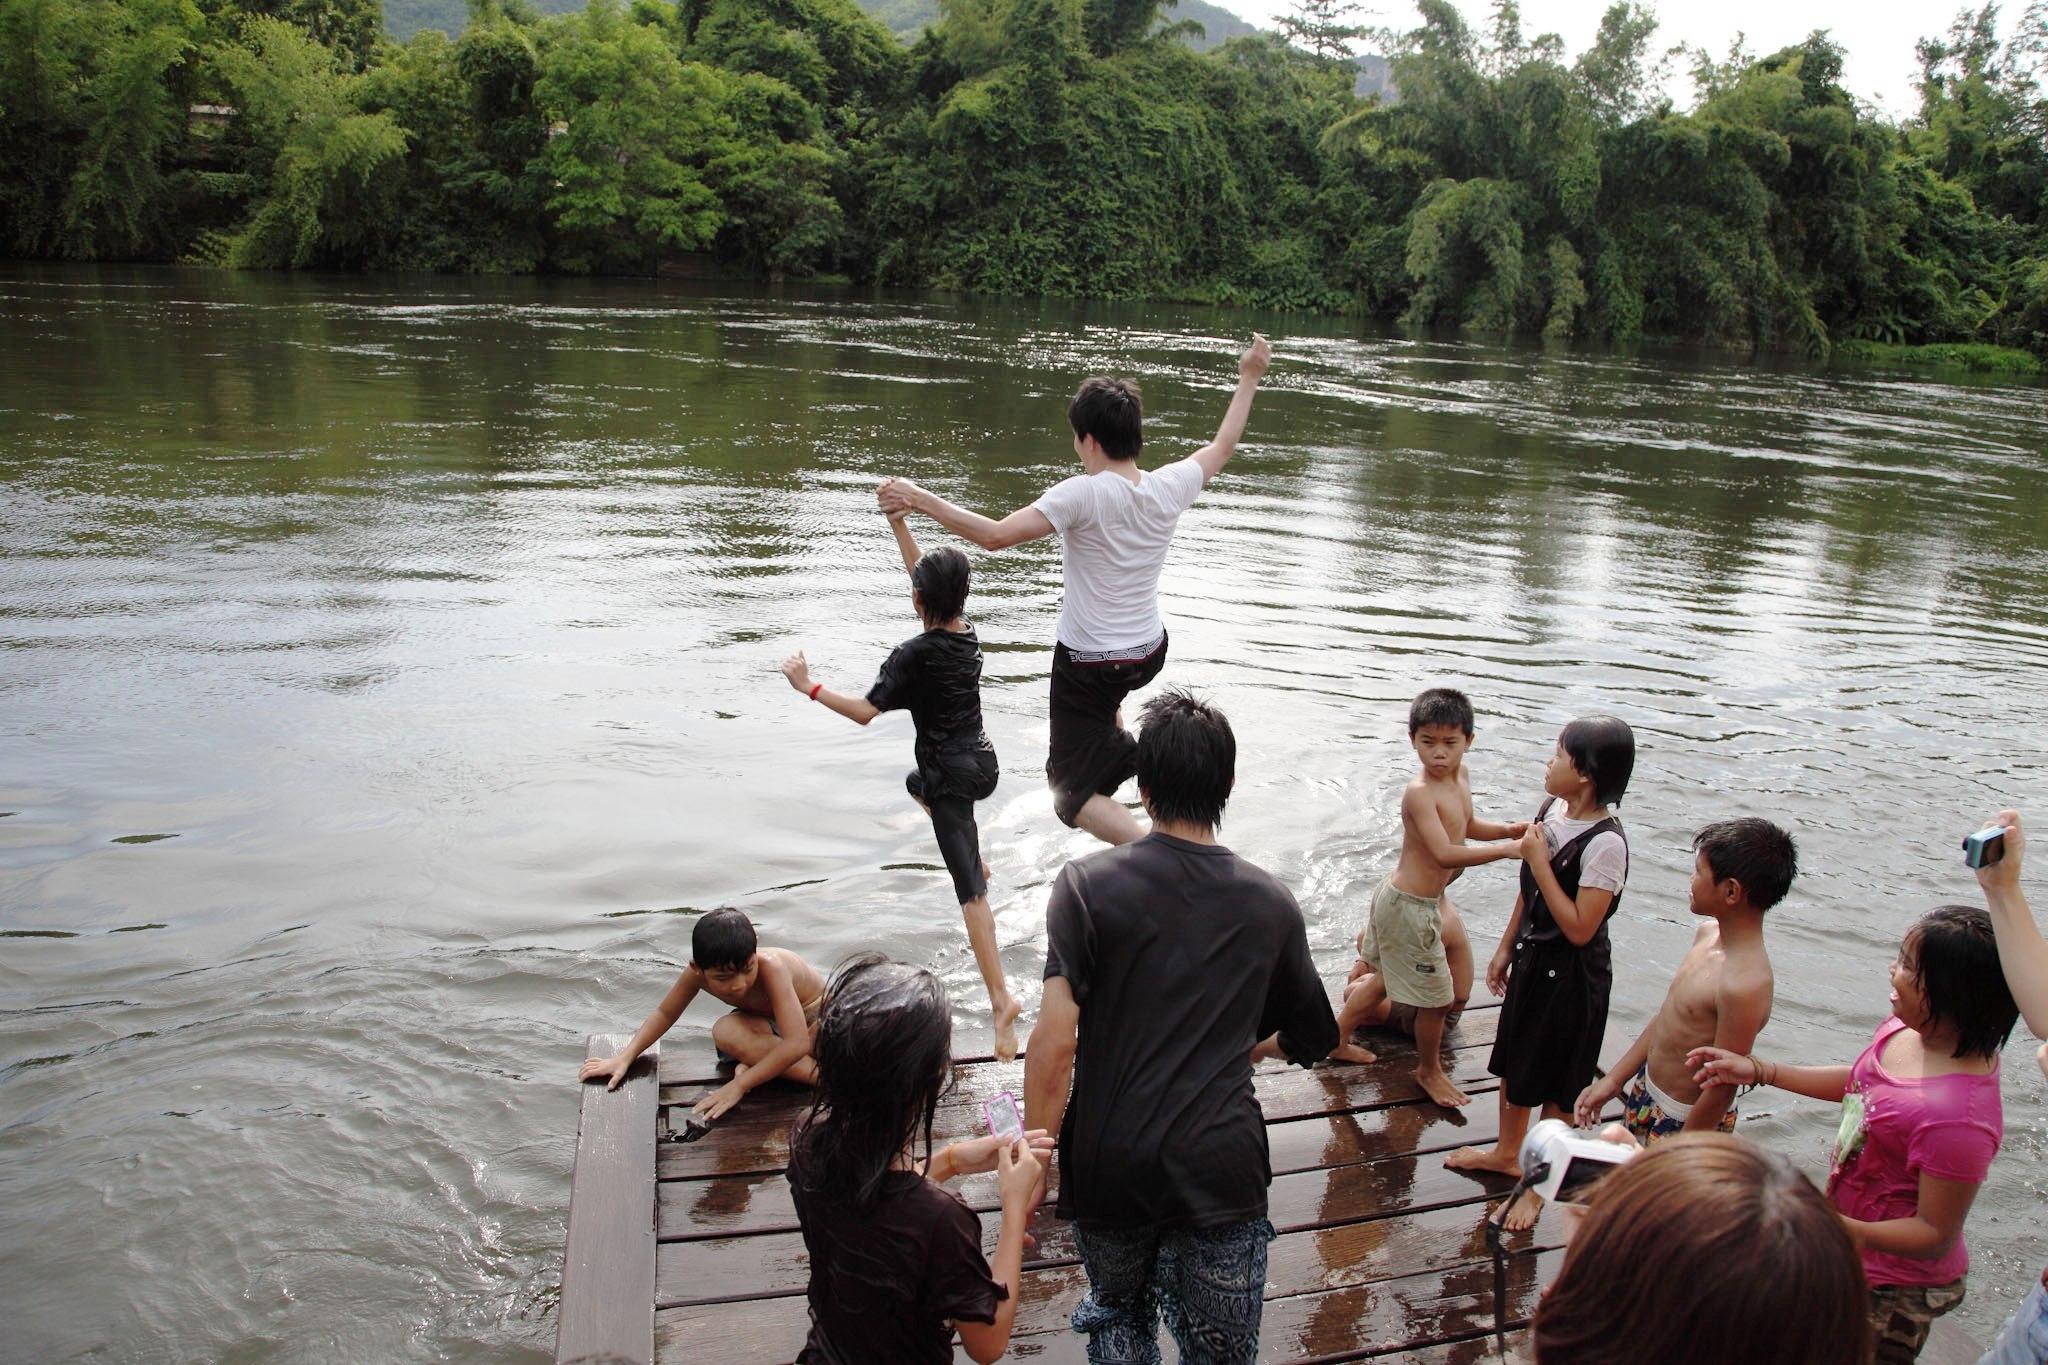 【成田発】タイ 孤児院の子どもたちと遠足へ!笑顔と思い出を作る活動6日間